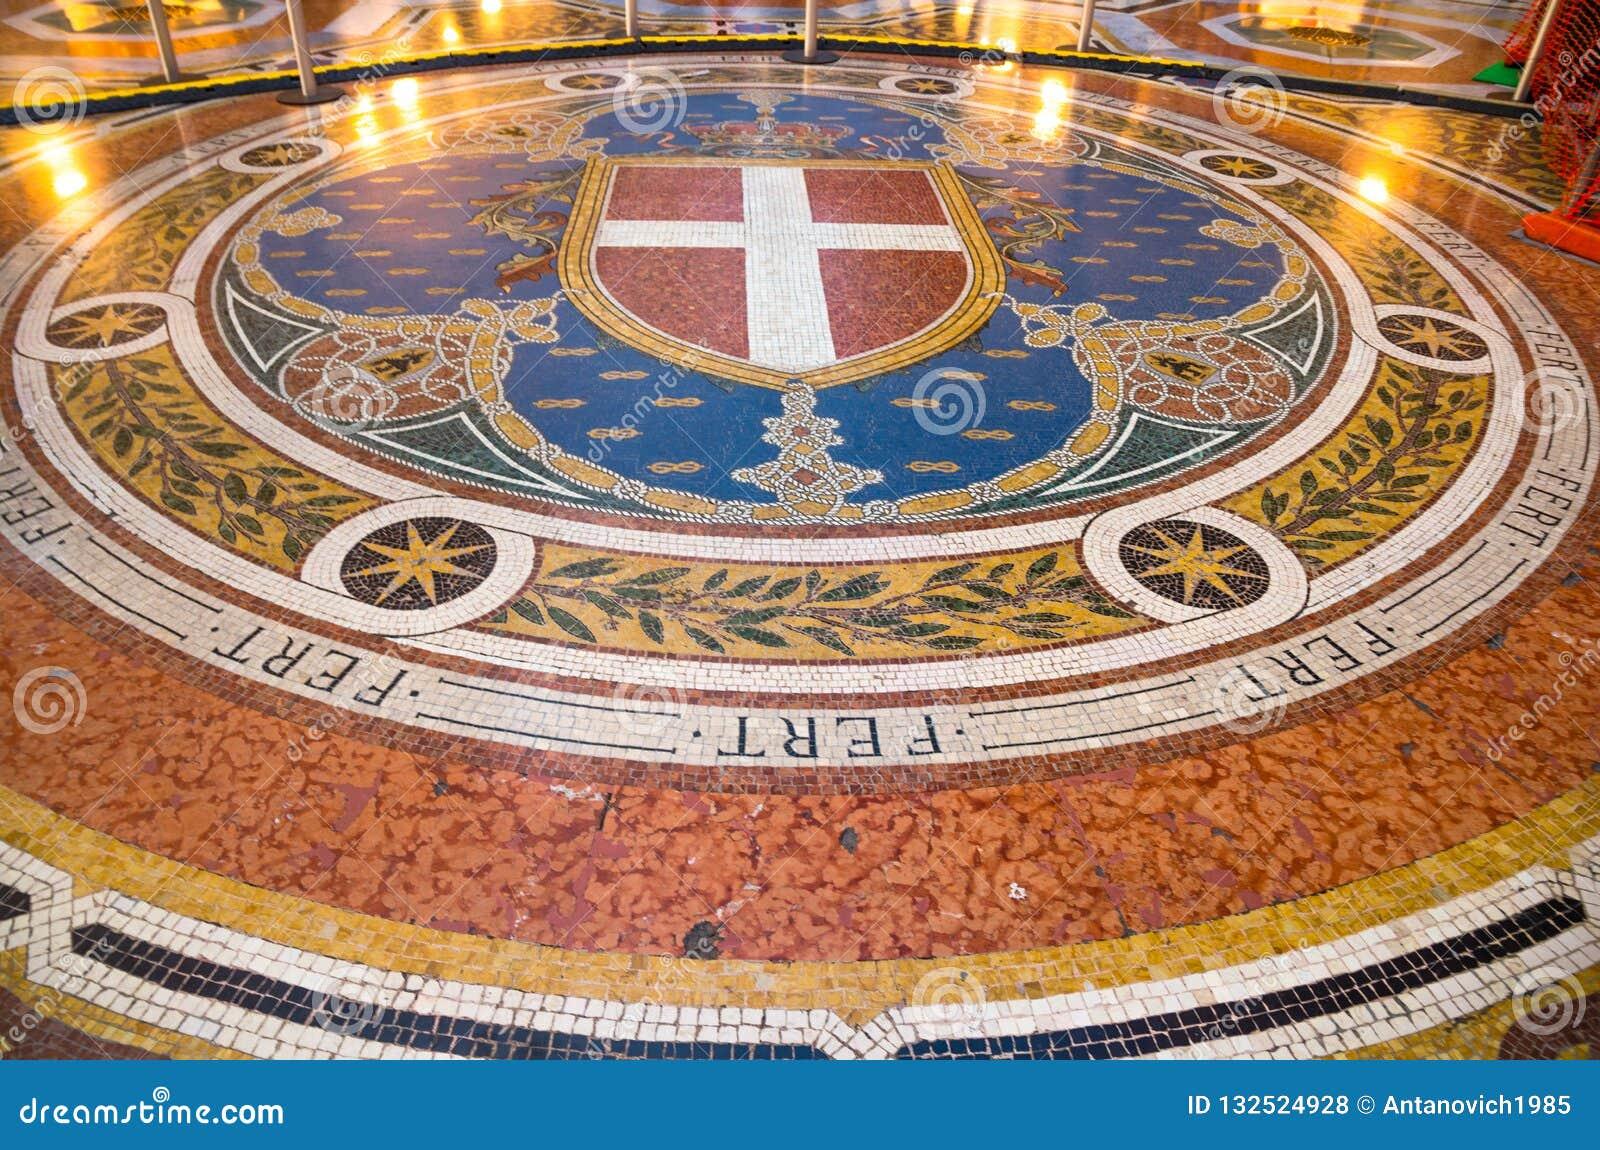 Mozaiki podłogi galerii Vittorio Emanuele II sławny centrum handlowe, Mediolan, Włochy